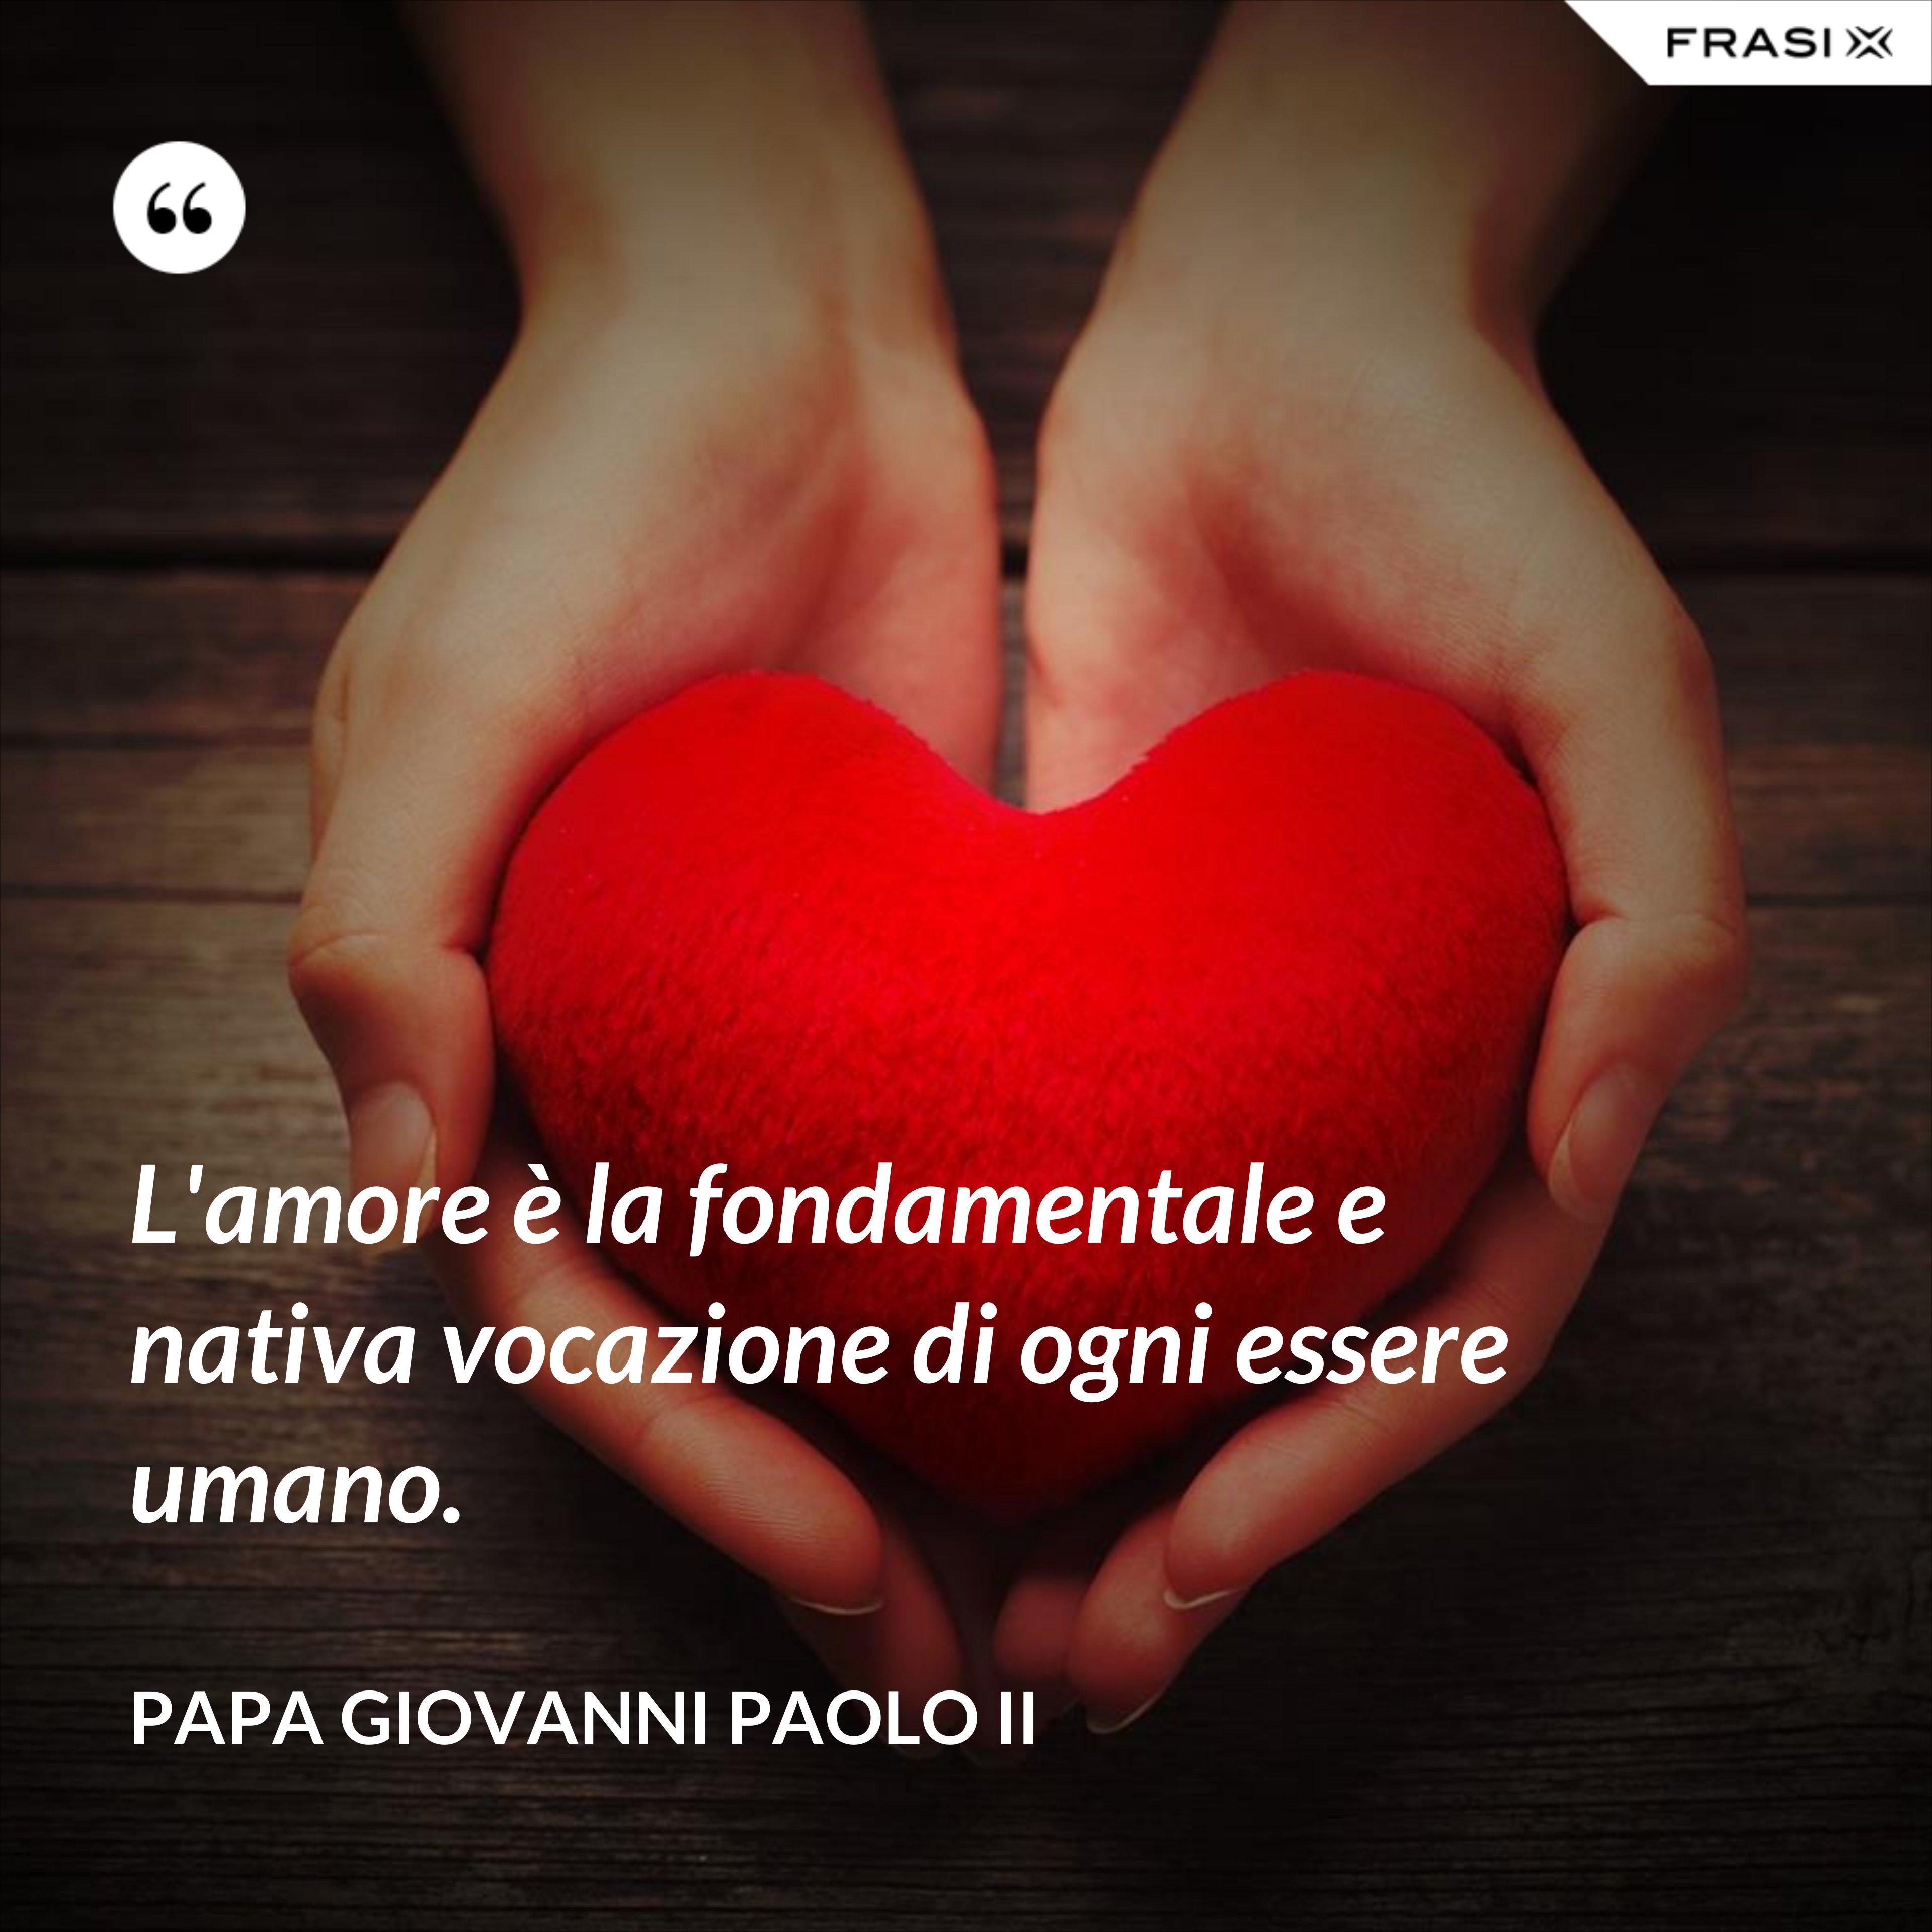 L'amore è la fondamentale e nativa vocazione di ogni essere umano. - Papa Giovanni Paolo II